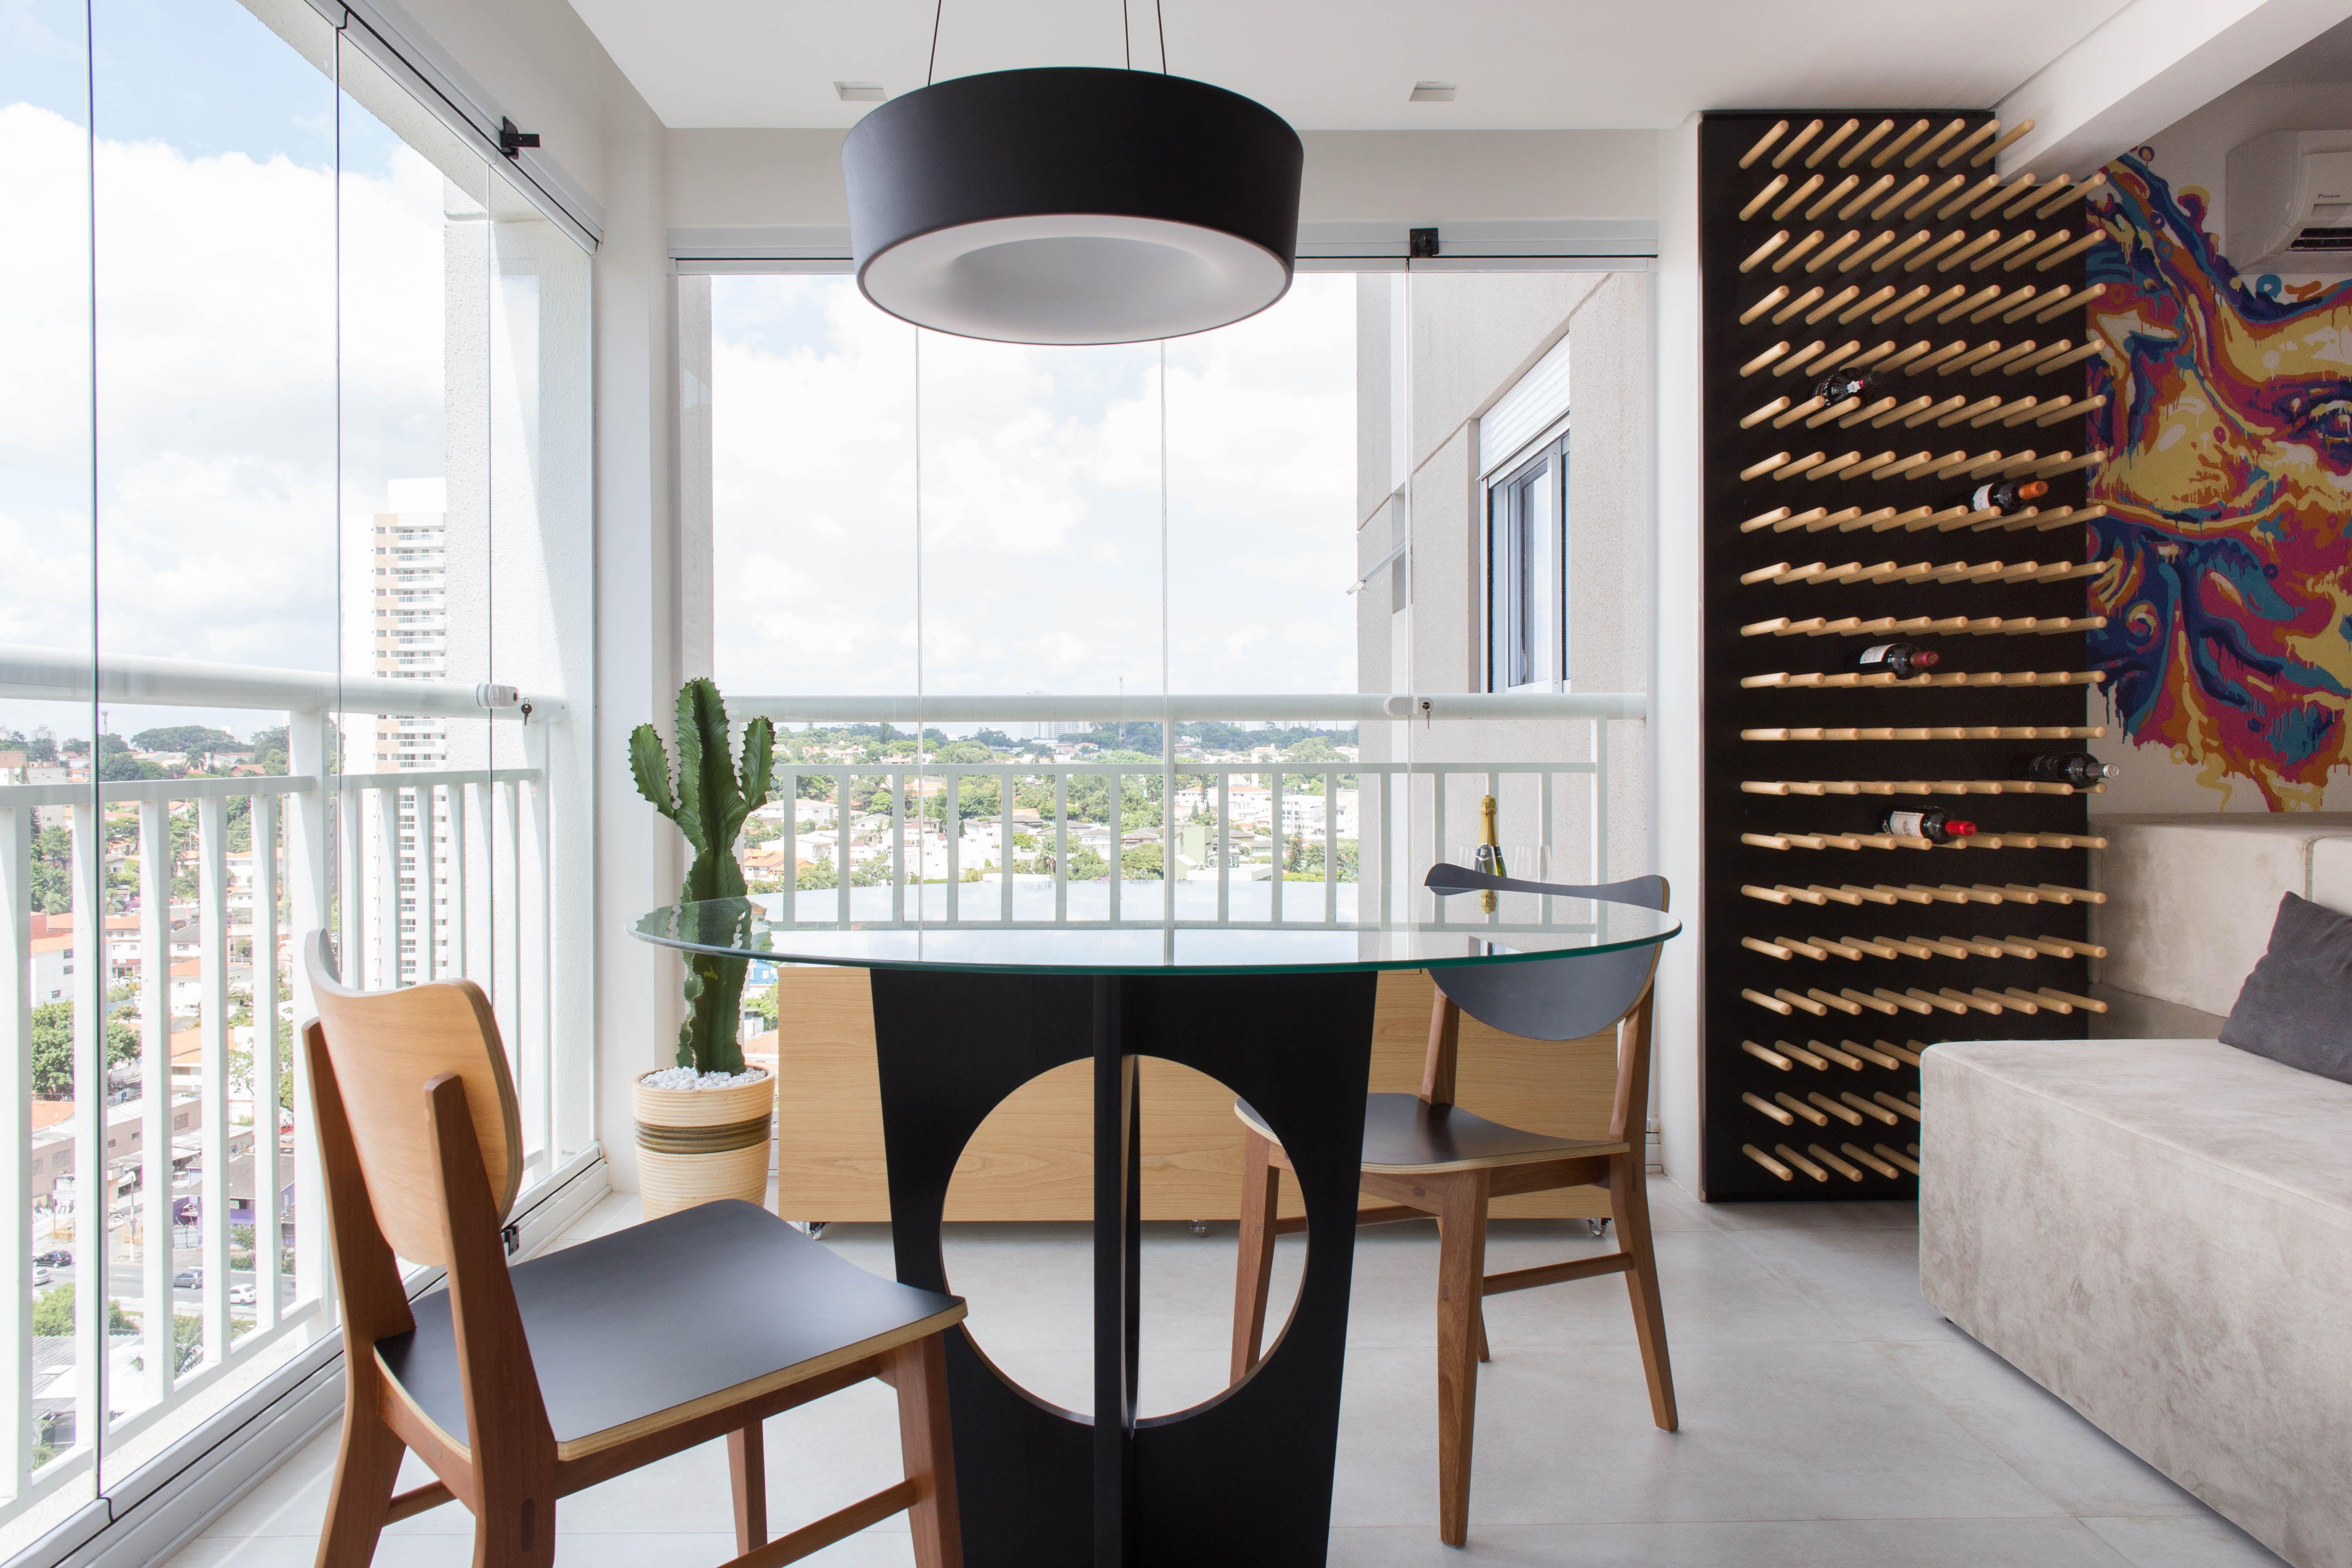 Cozinha Gourmet Apartamento Pequeno Oppenau Info